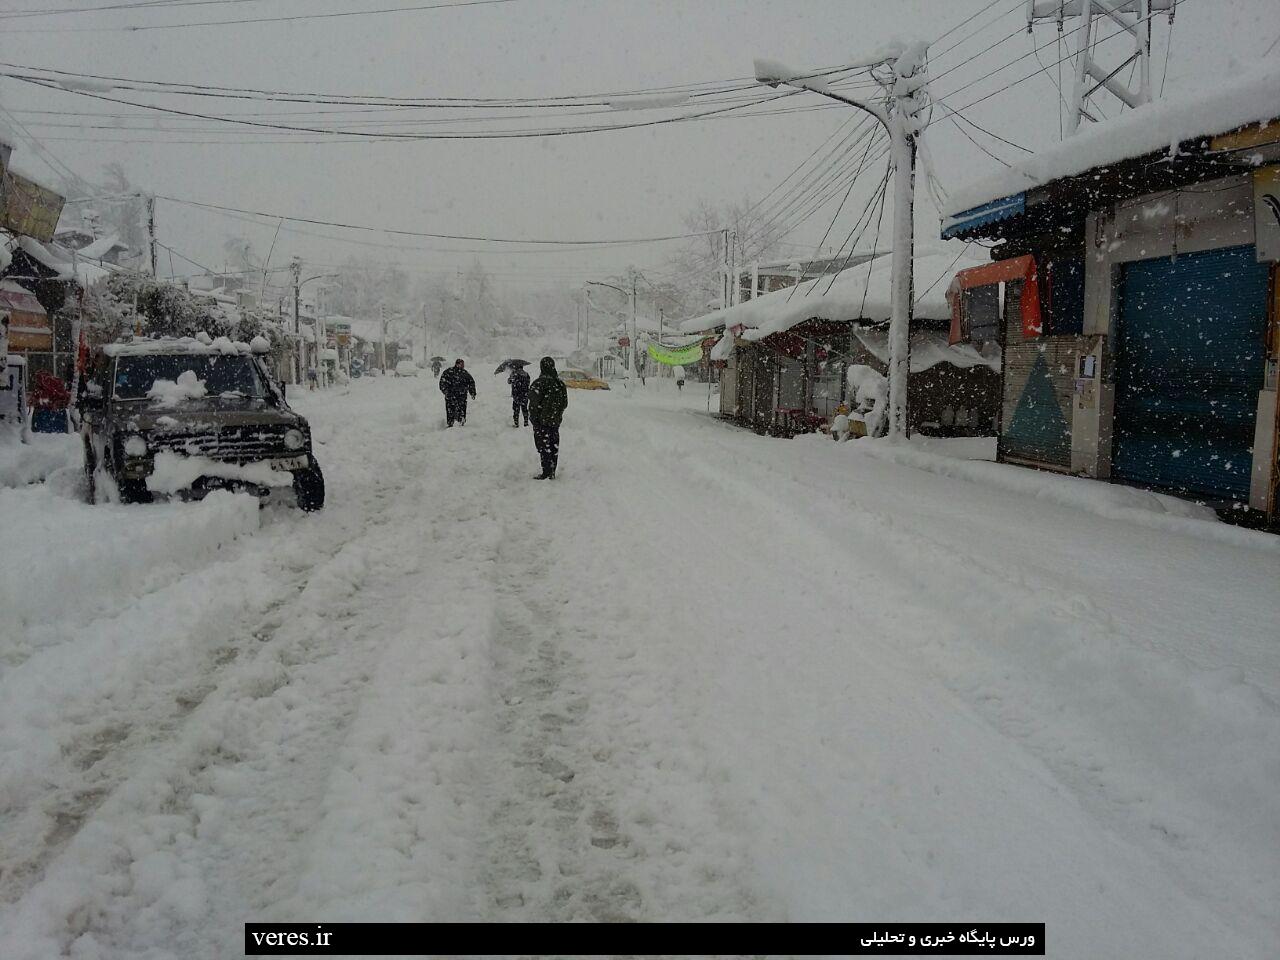 مرکز دهستان جیرده در یک روز برفی+تصاویر